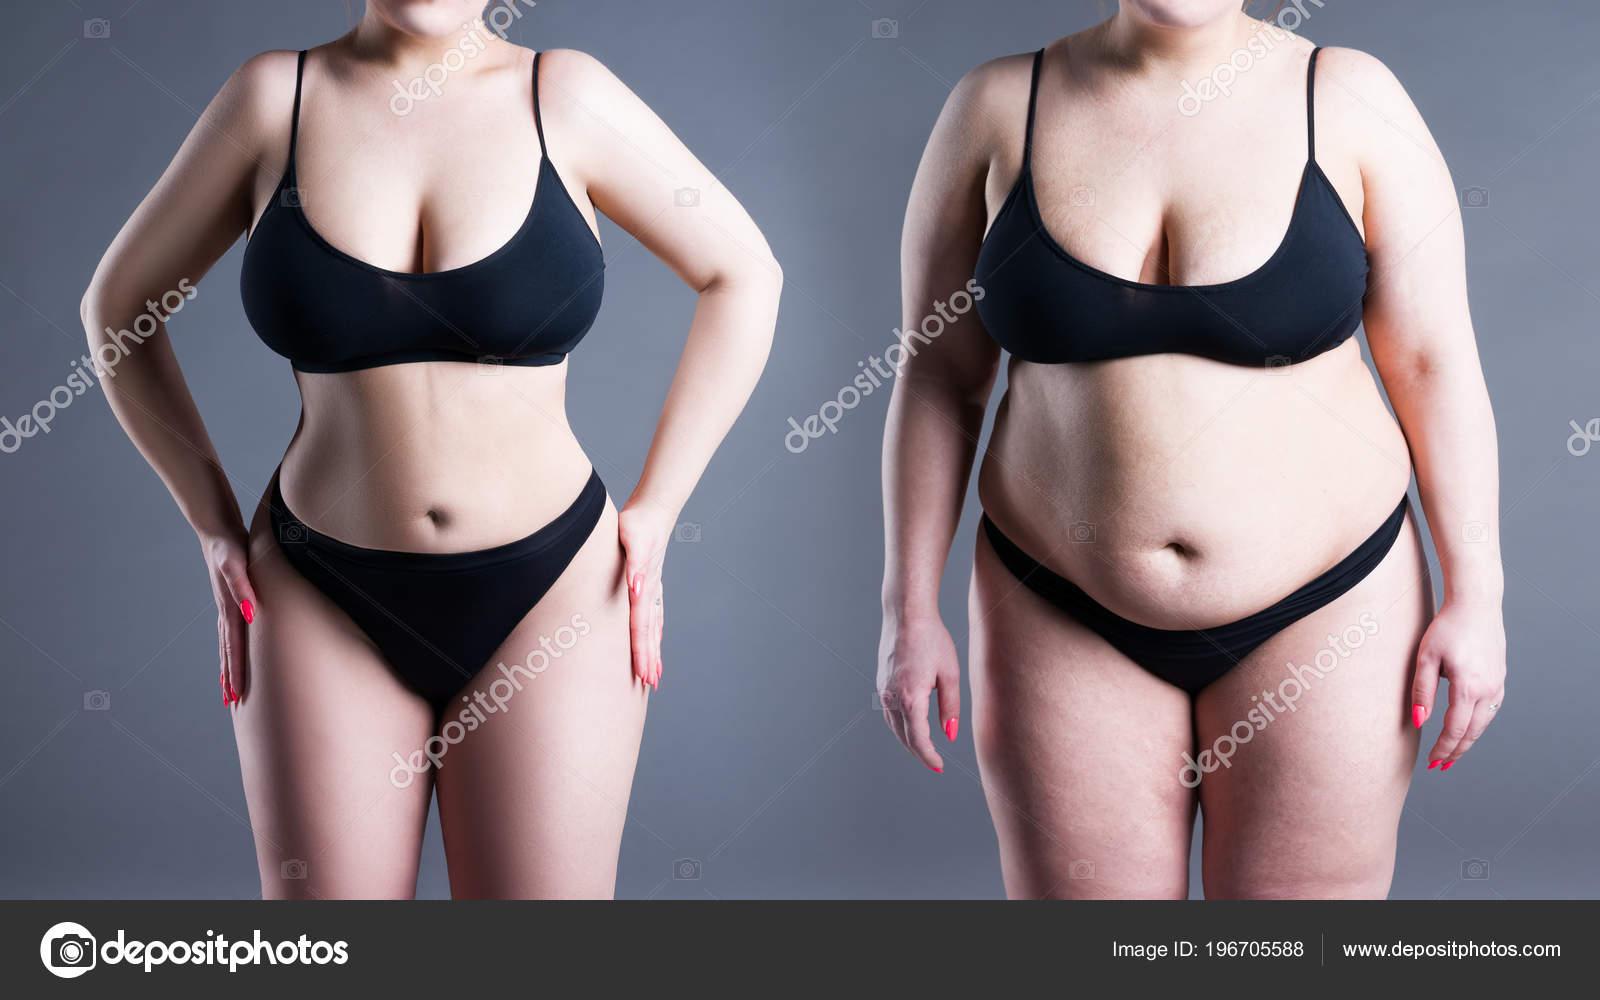 perdita di peso eccessiva dopo chirurgia bariatrica